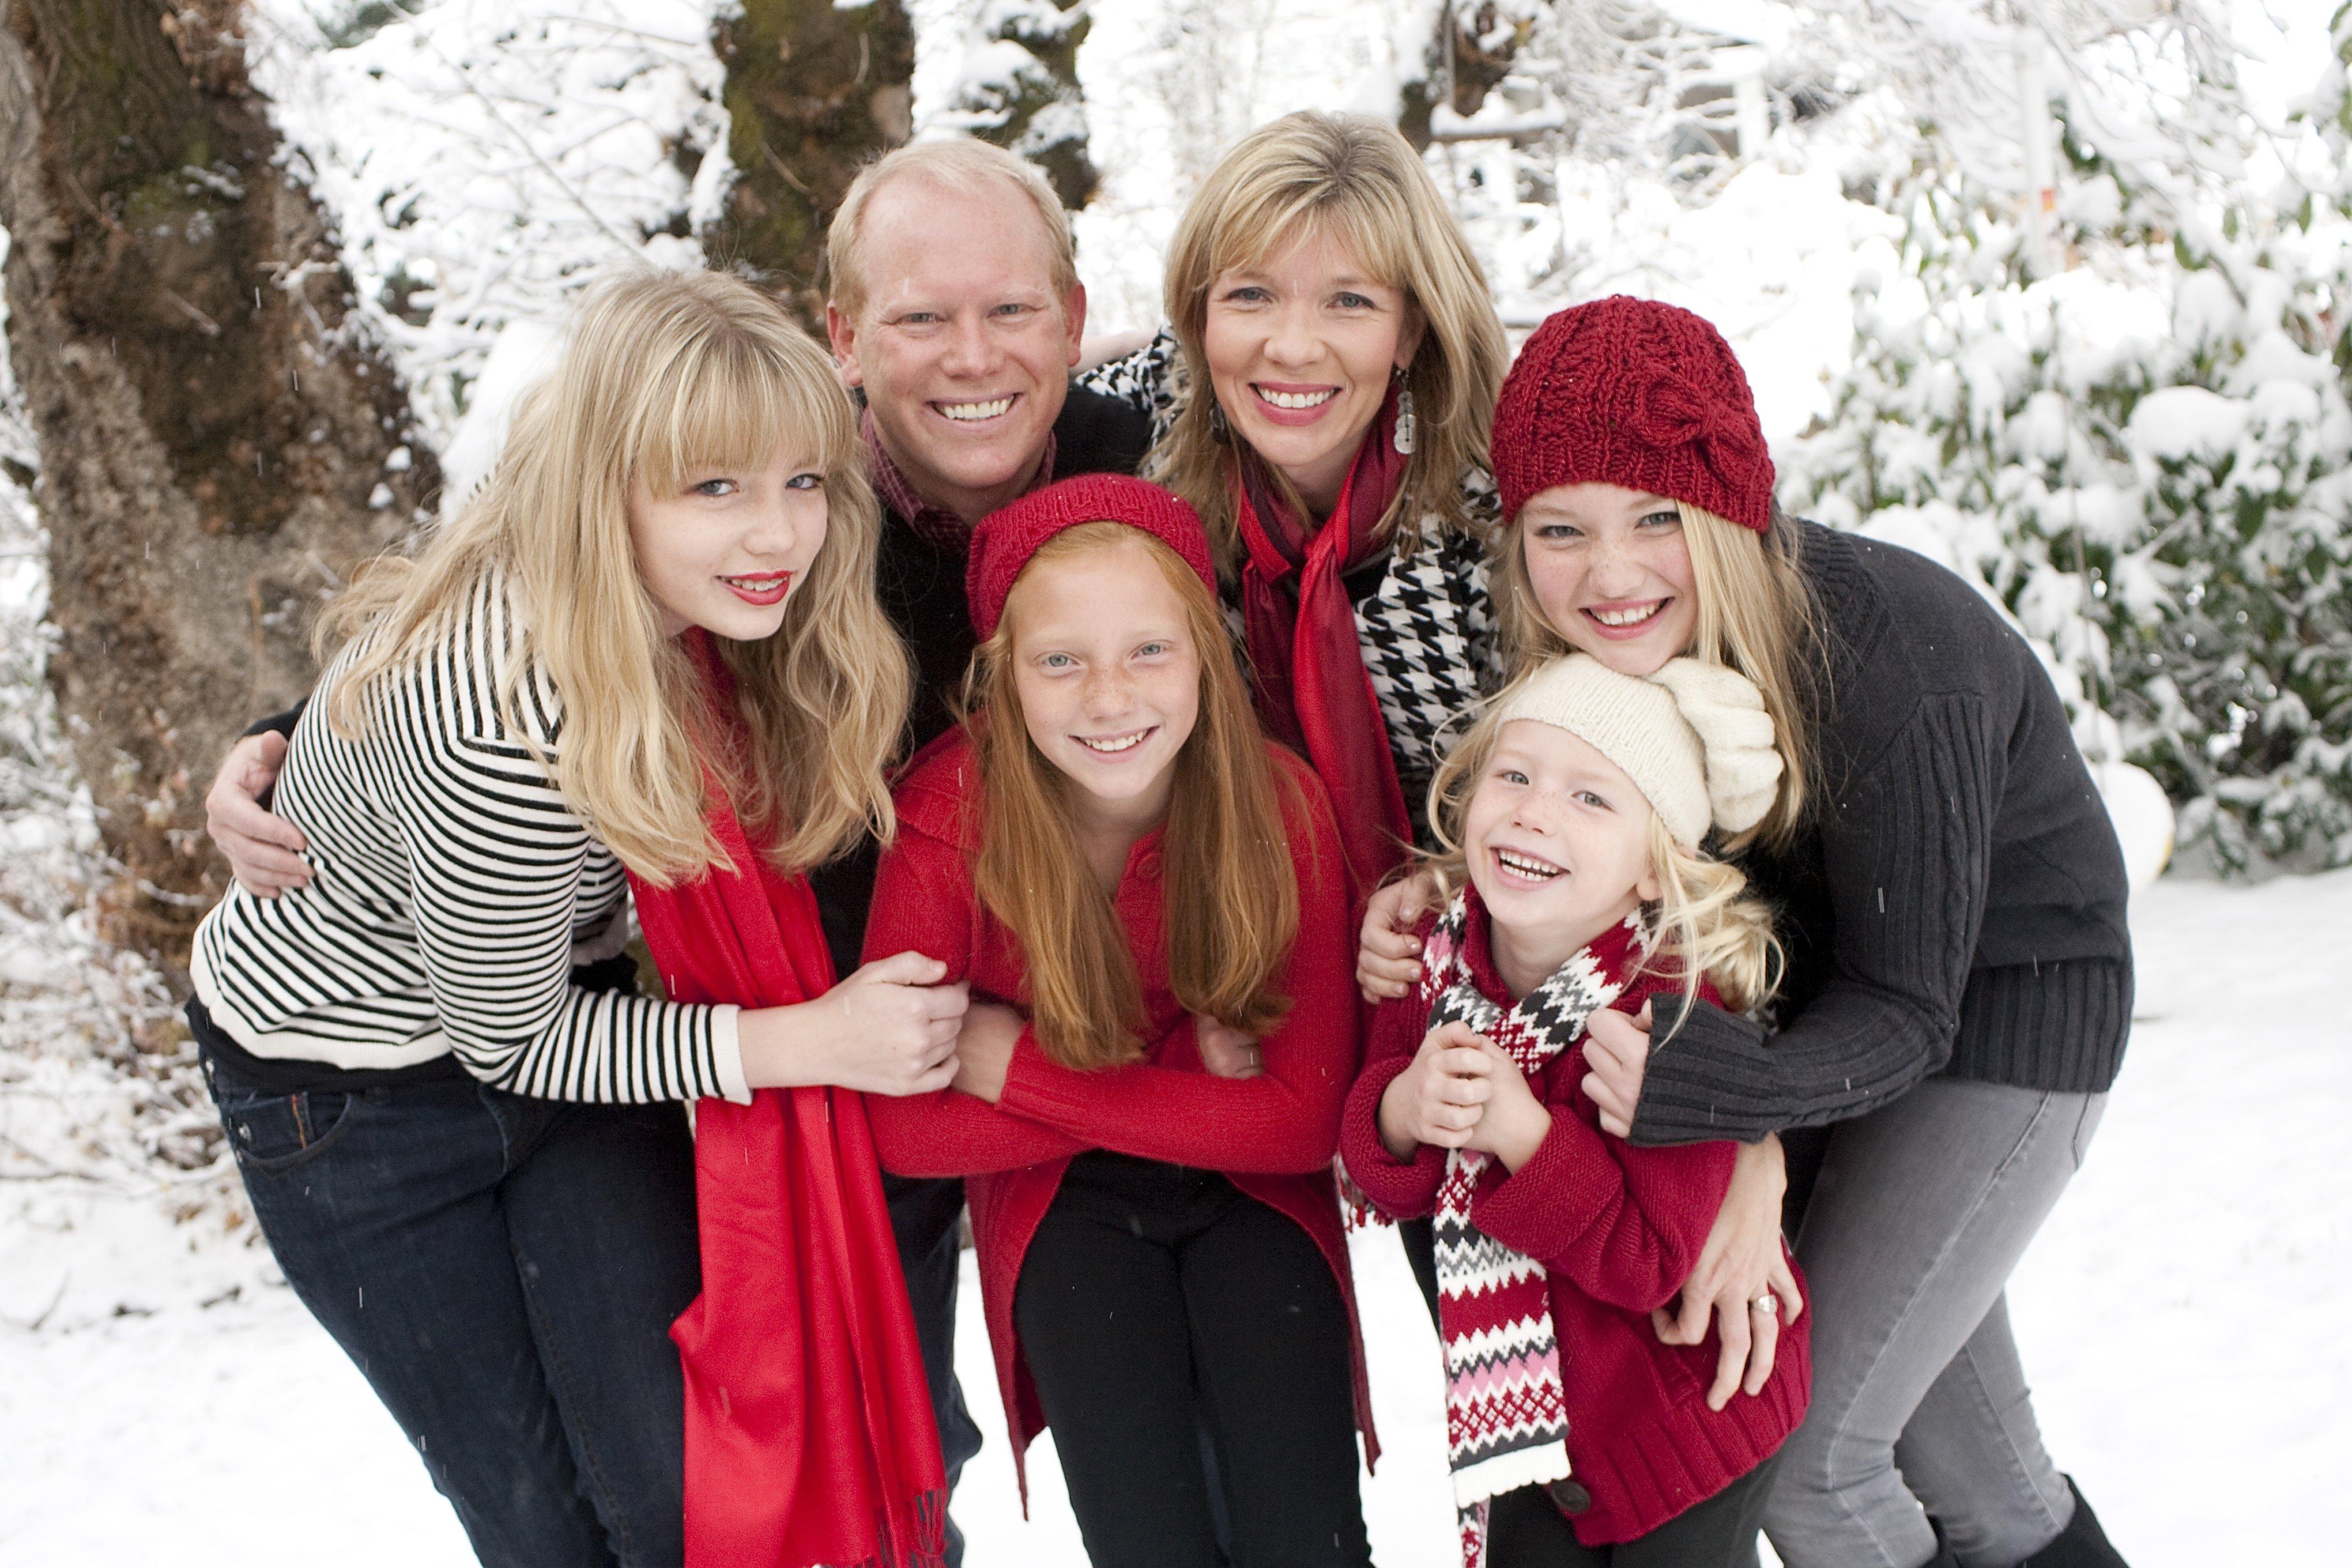 10 Unique Christmas Family Photo Ideas Funny christmas ideas becuo home art decor 42110 3